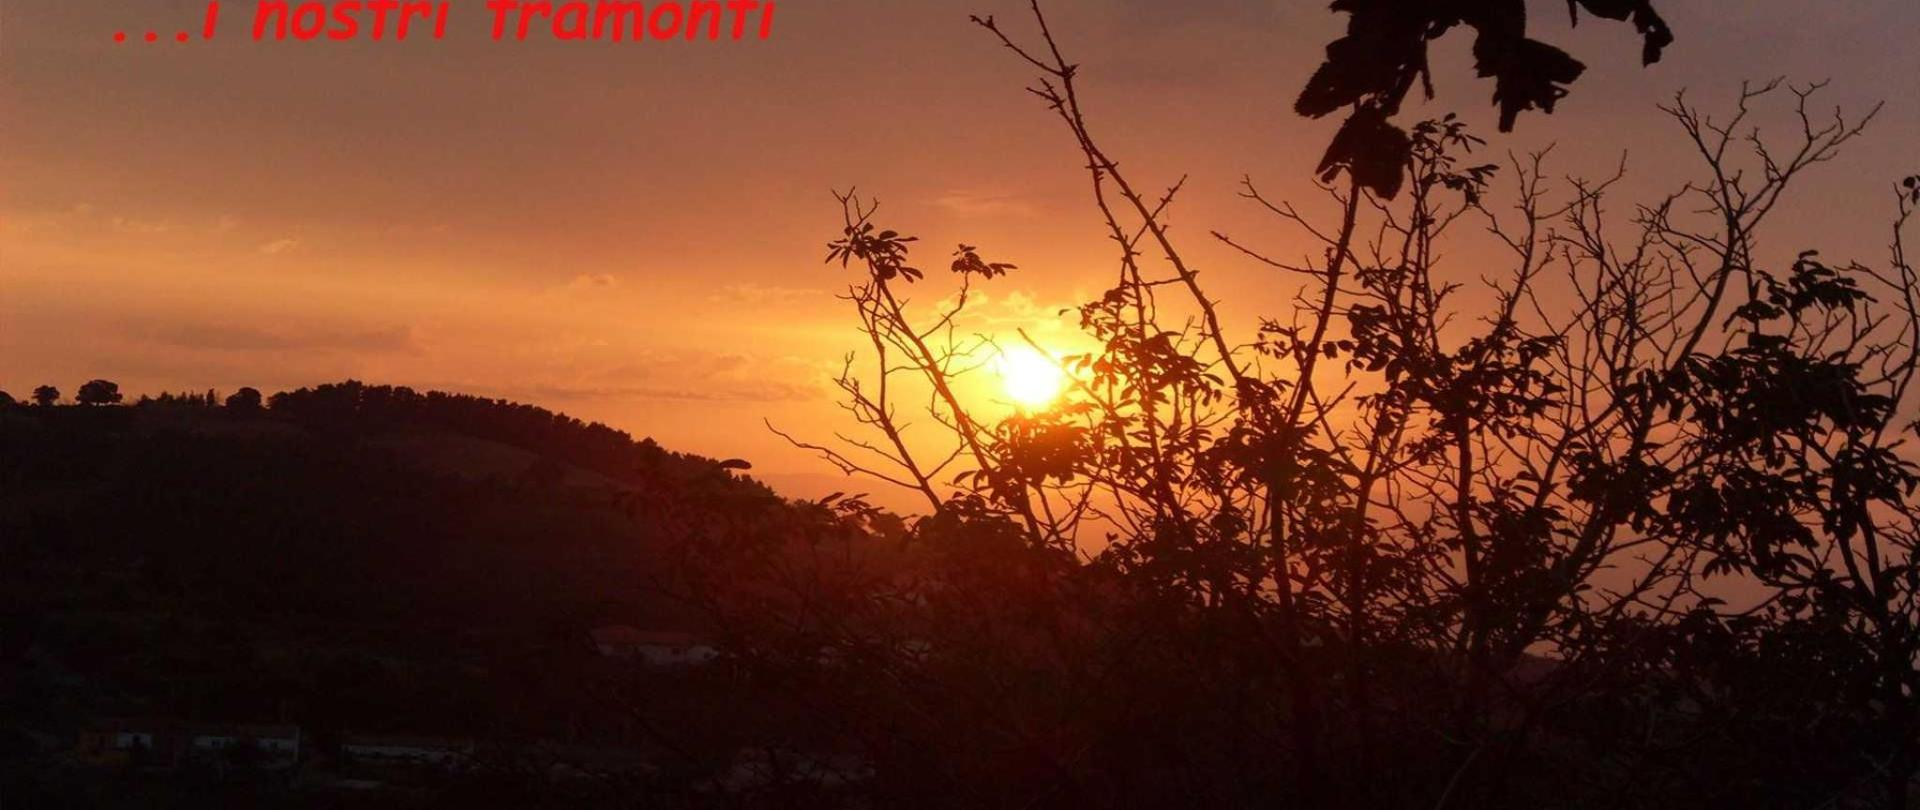 tramonto-rosso.jpg